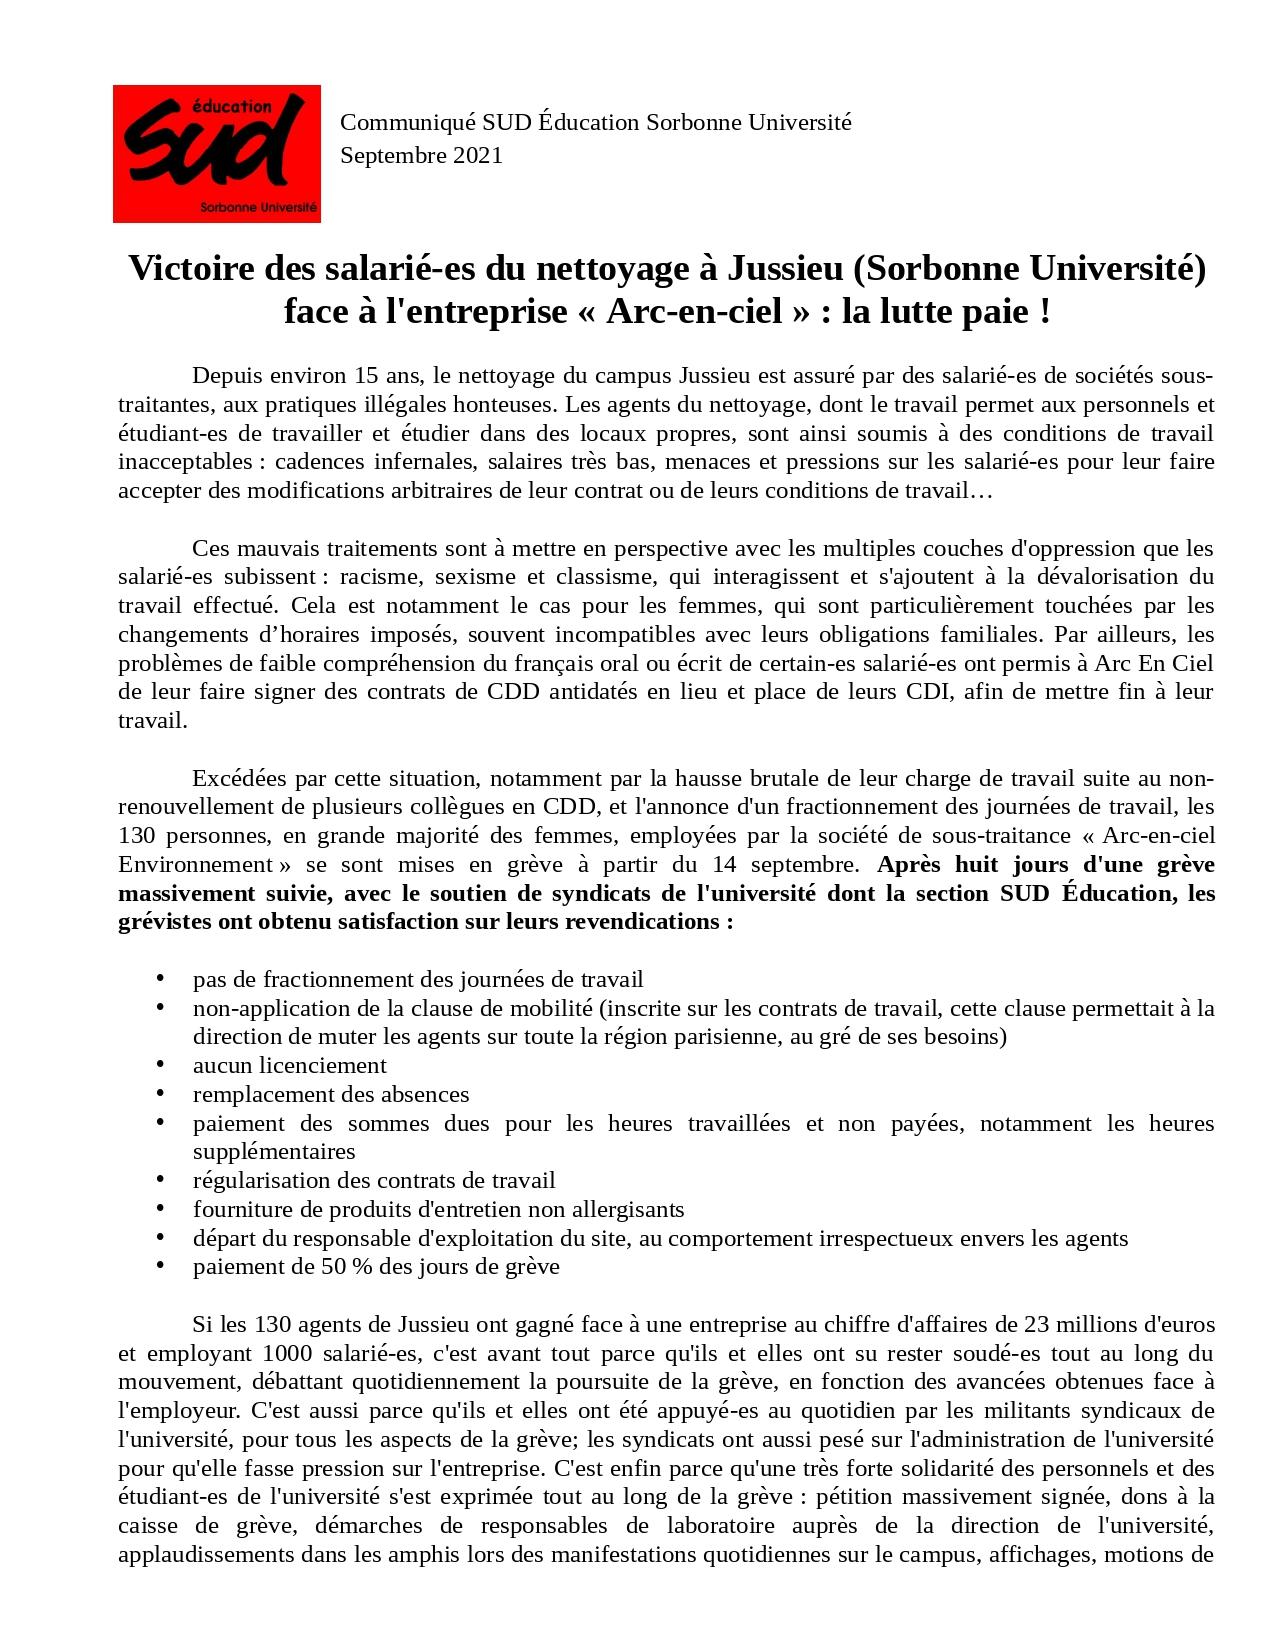 Victoire des salarié-es du nettoyage à Jussieu (Sorbonne Université) face à l'entreprise « Arc-en-ciel » : la lutte paie !